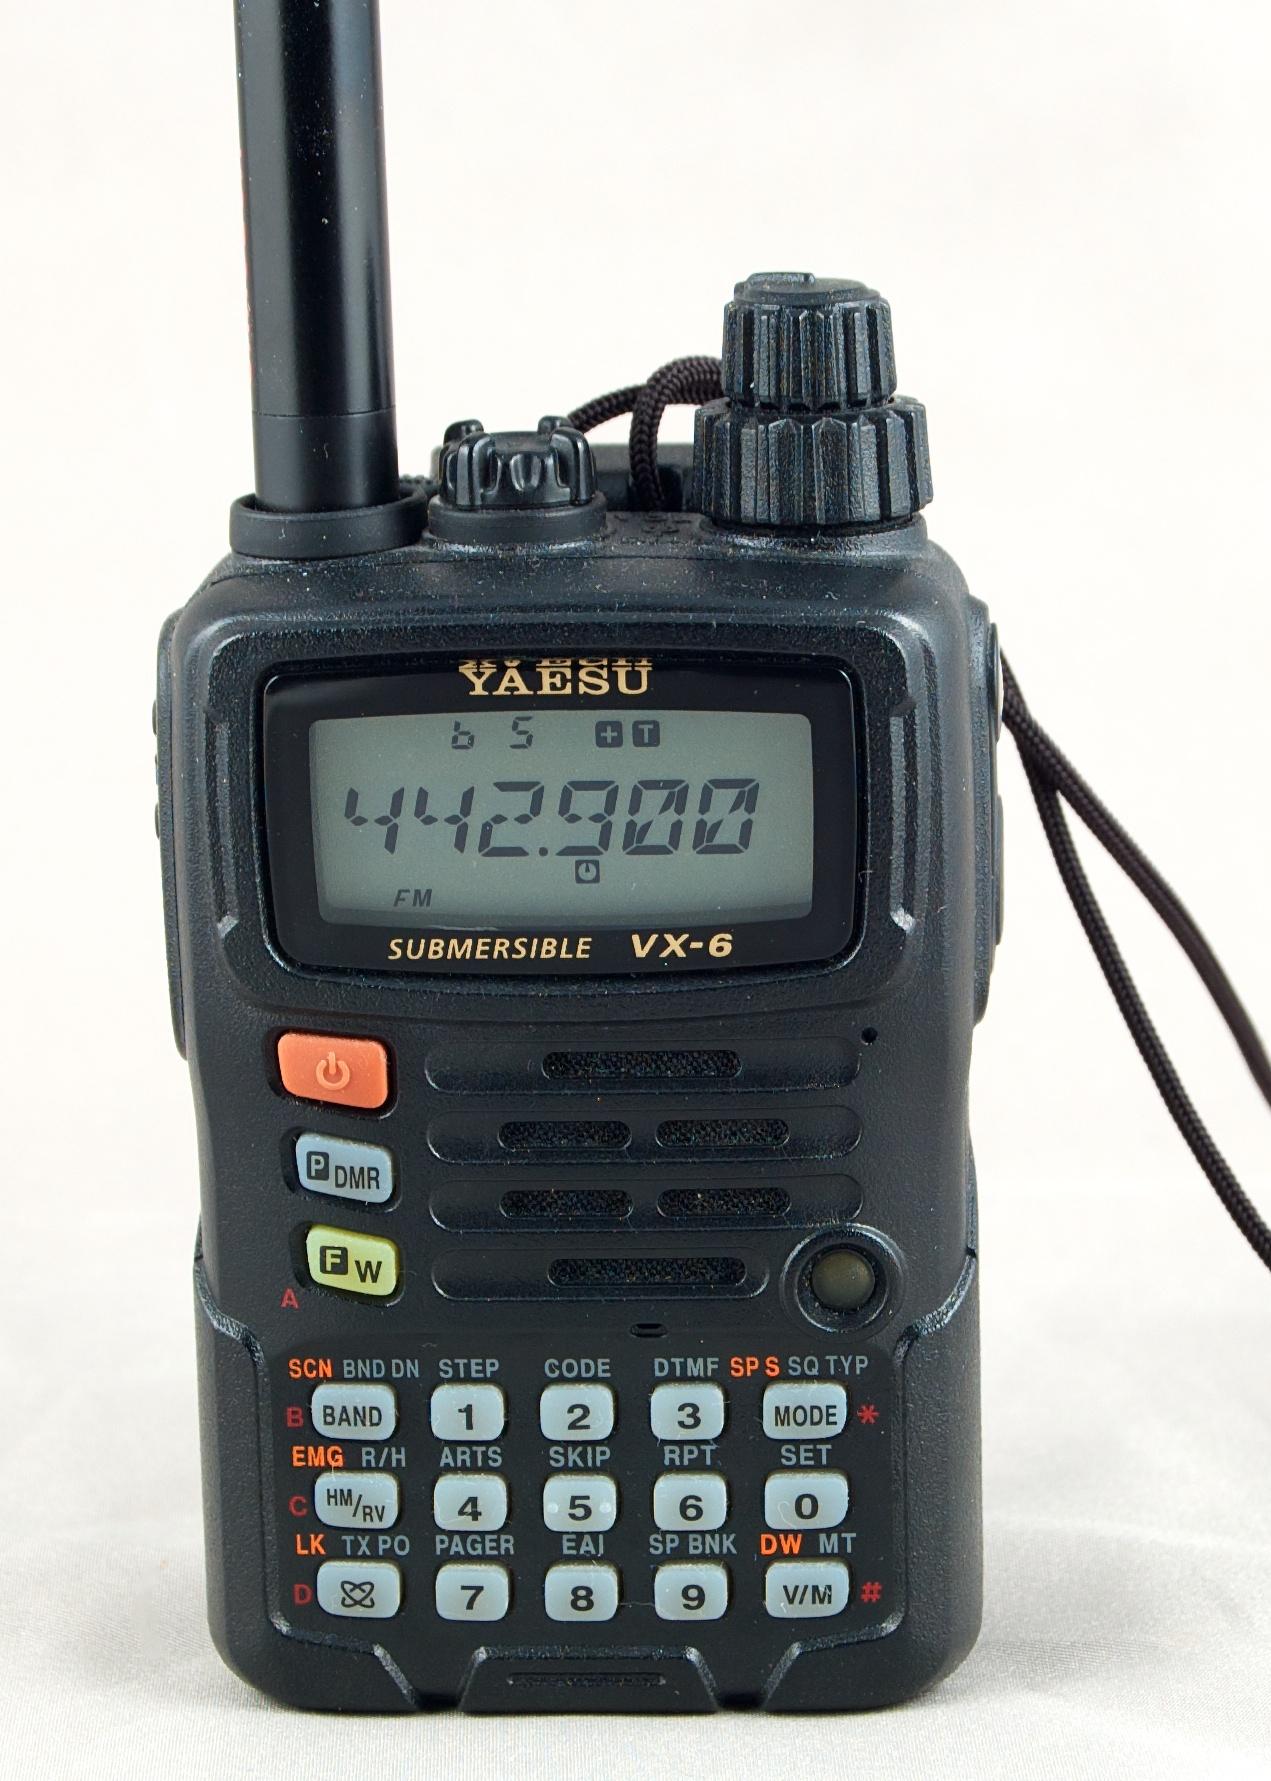 vx-6r Купить рацию Yaesu VX-6R в интернет-магазине в Москве.